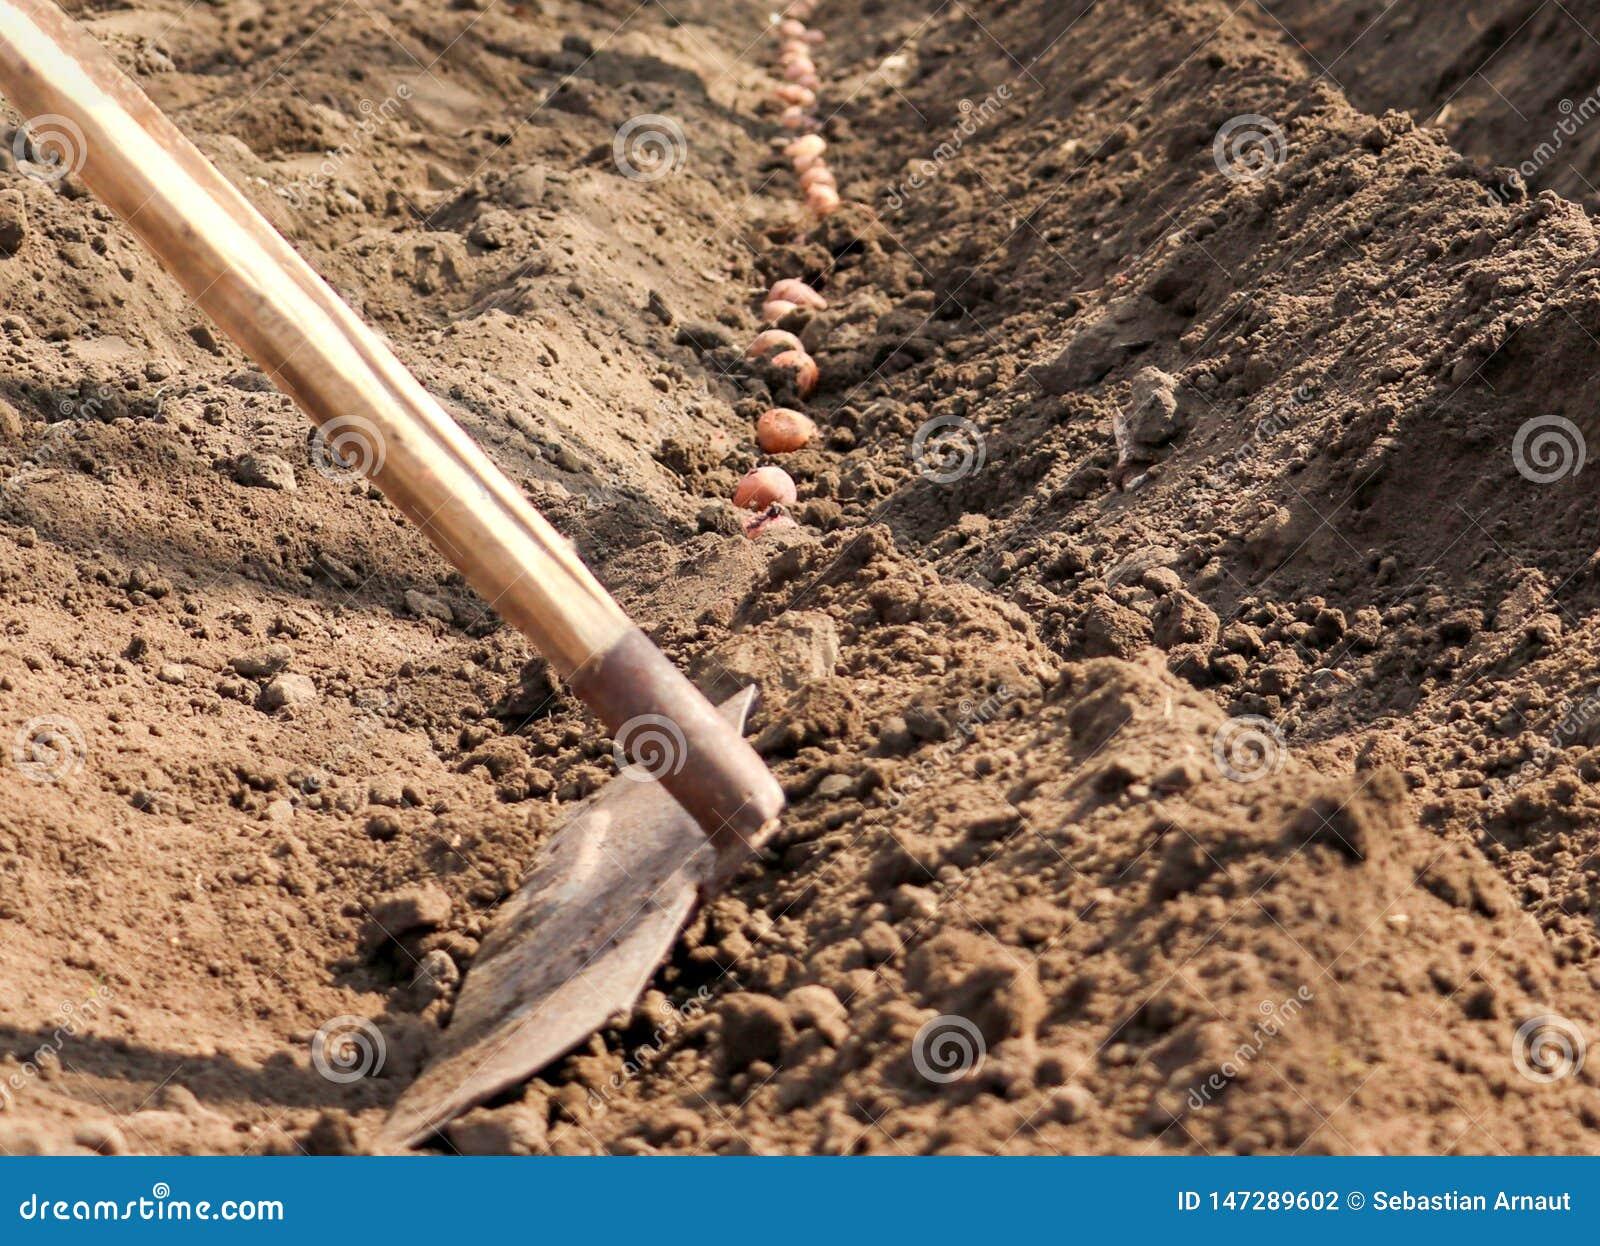 Le patate che sono germogliate sono seminate nella terra